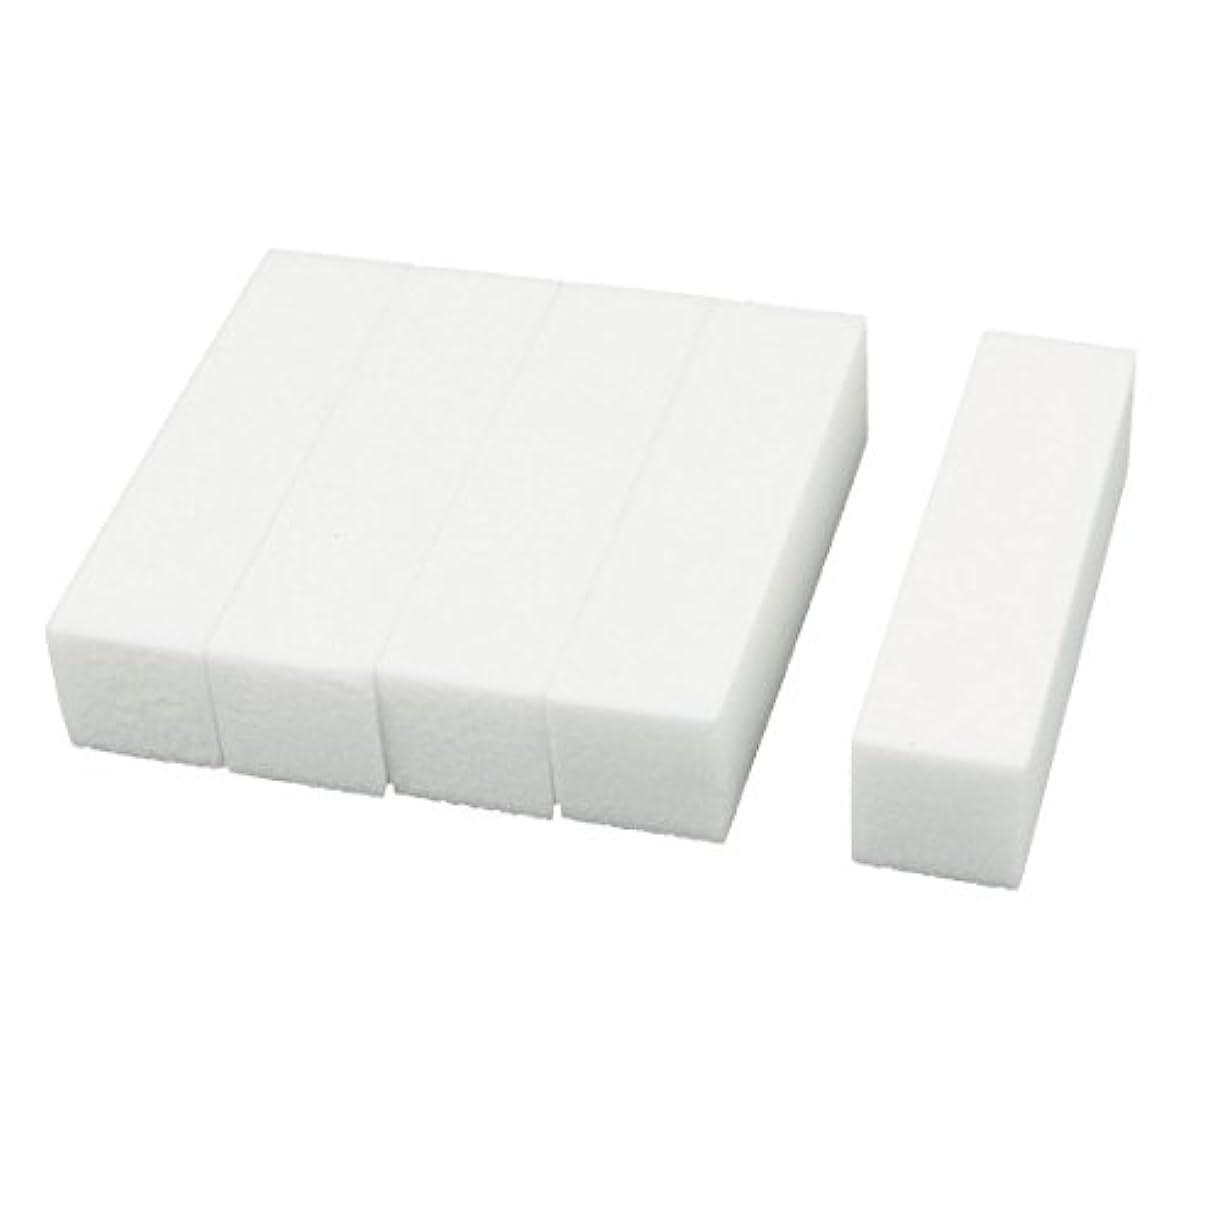 不器用解く教えるuxcell ネイルファイル サンディングブロック ヒント マニキュアツール バッファ ホワイト 4ウェイ 5個セット